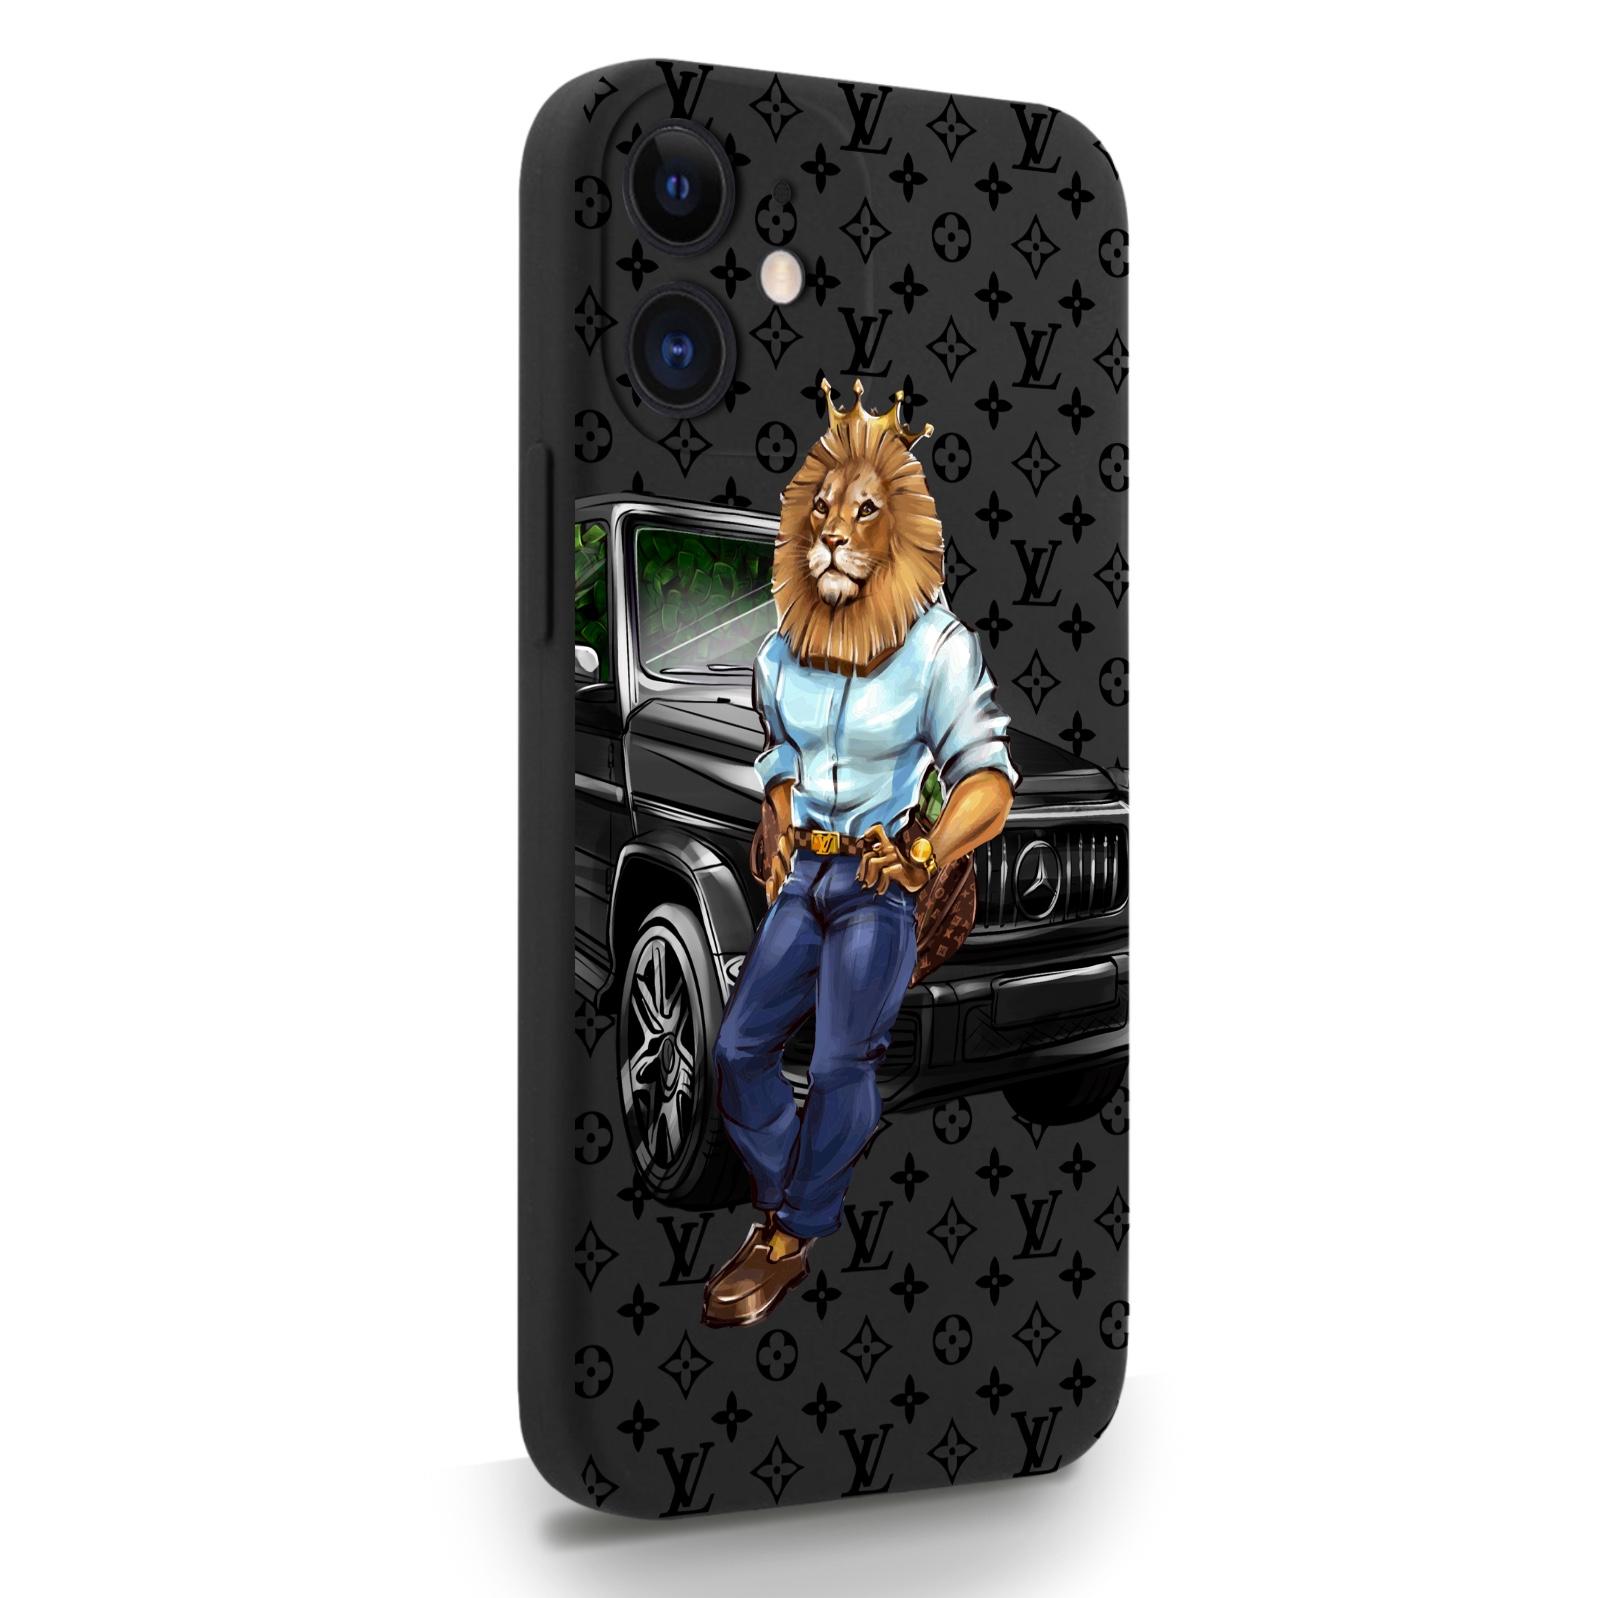 Черный силиконовый чехол для iPhone 12 Mini Lion Business для Айфон 12 Мини